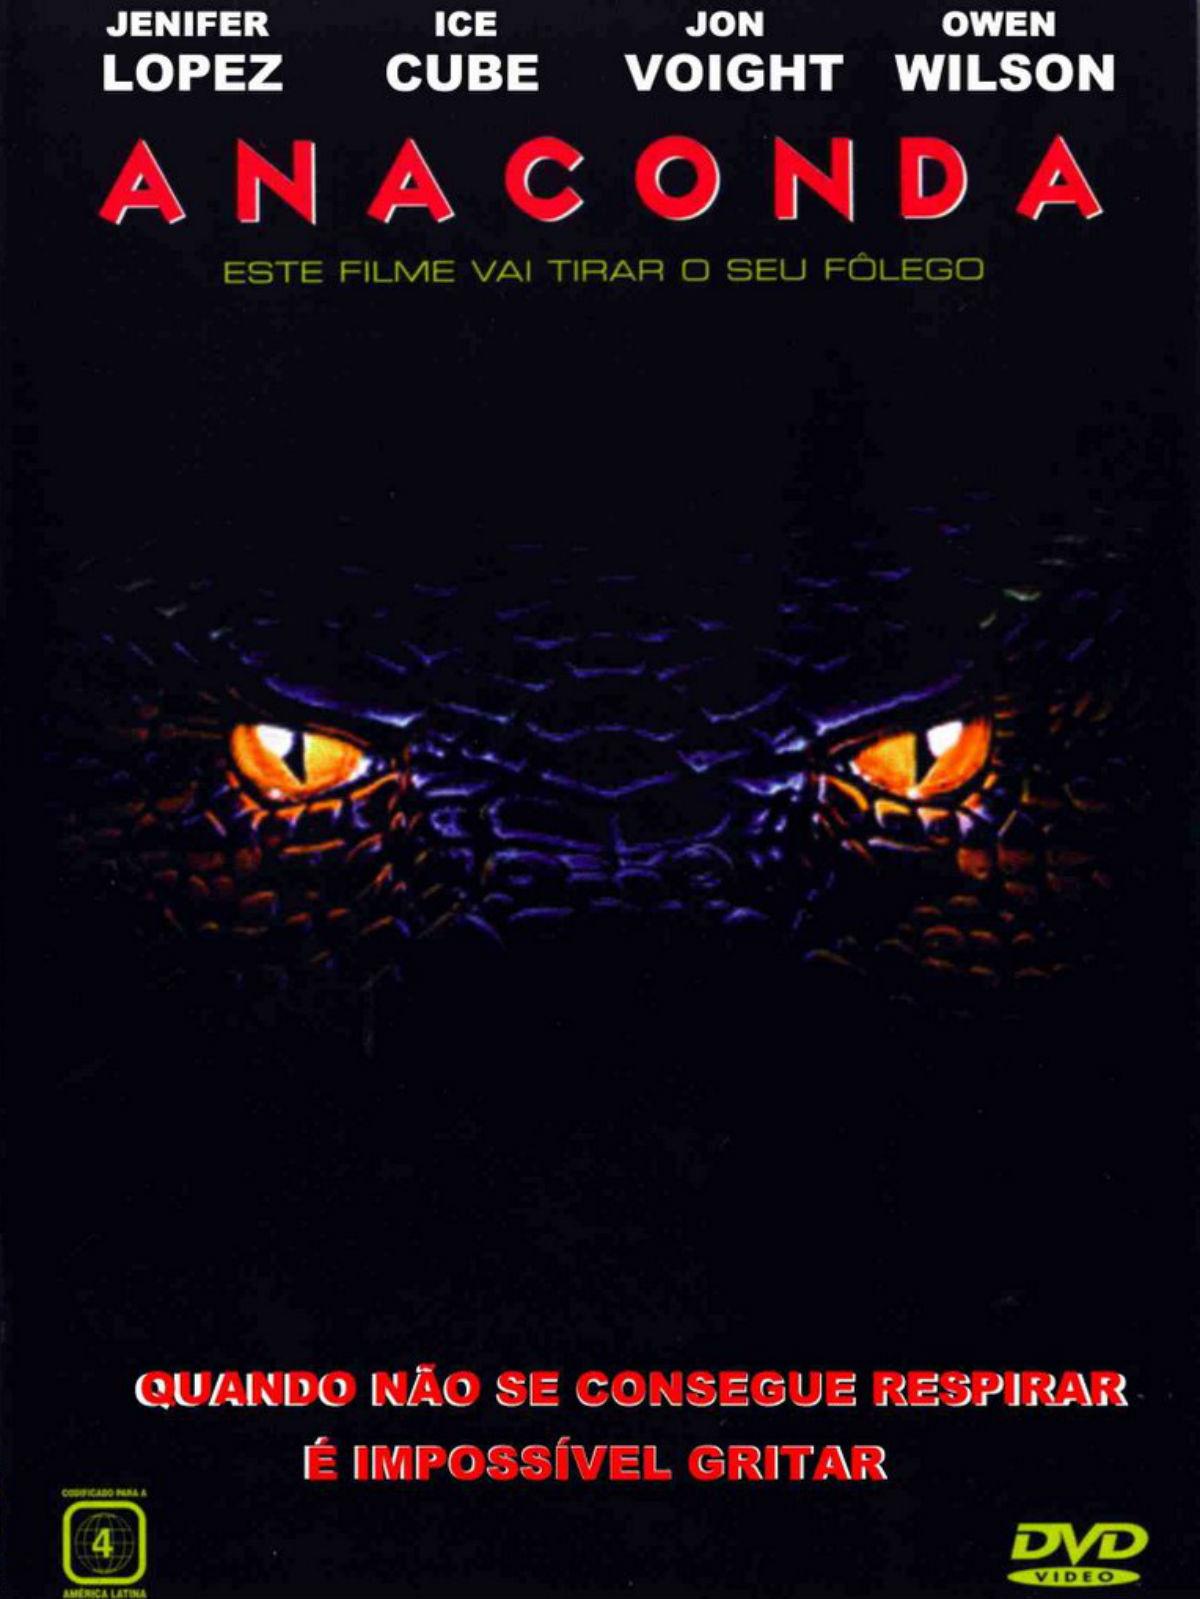 Anaconda Filme